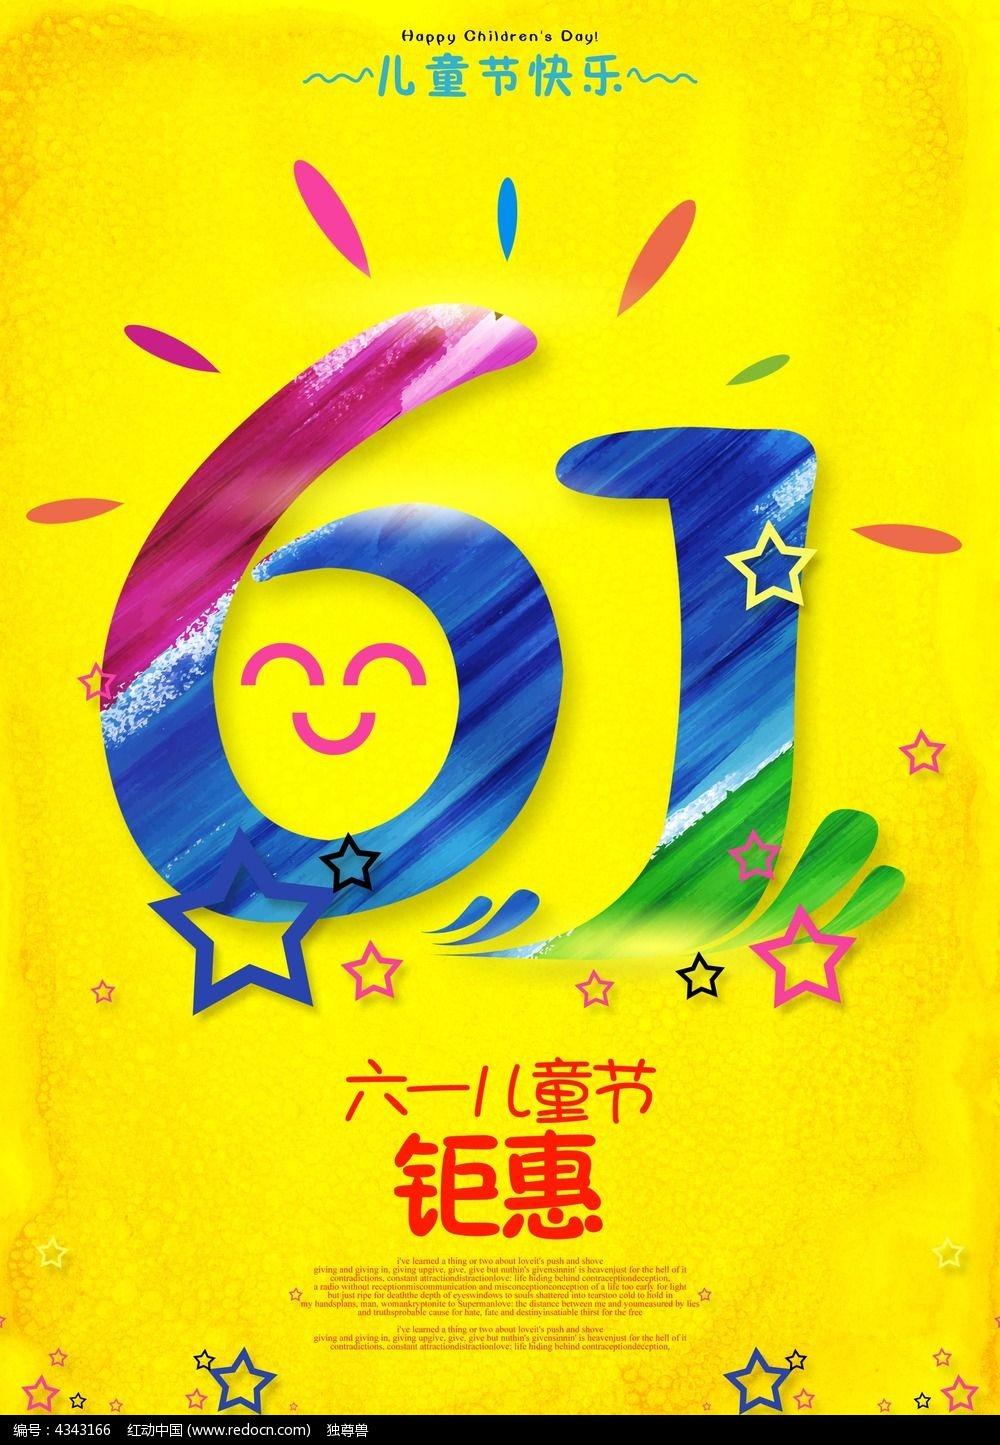 61儿童节促销海报设计_节日素材图片素材